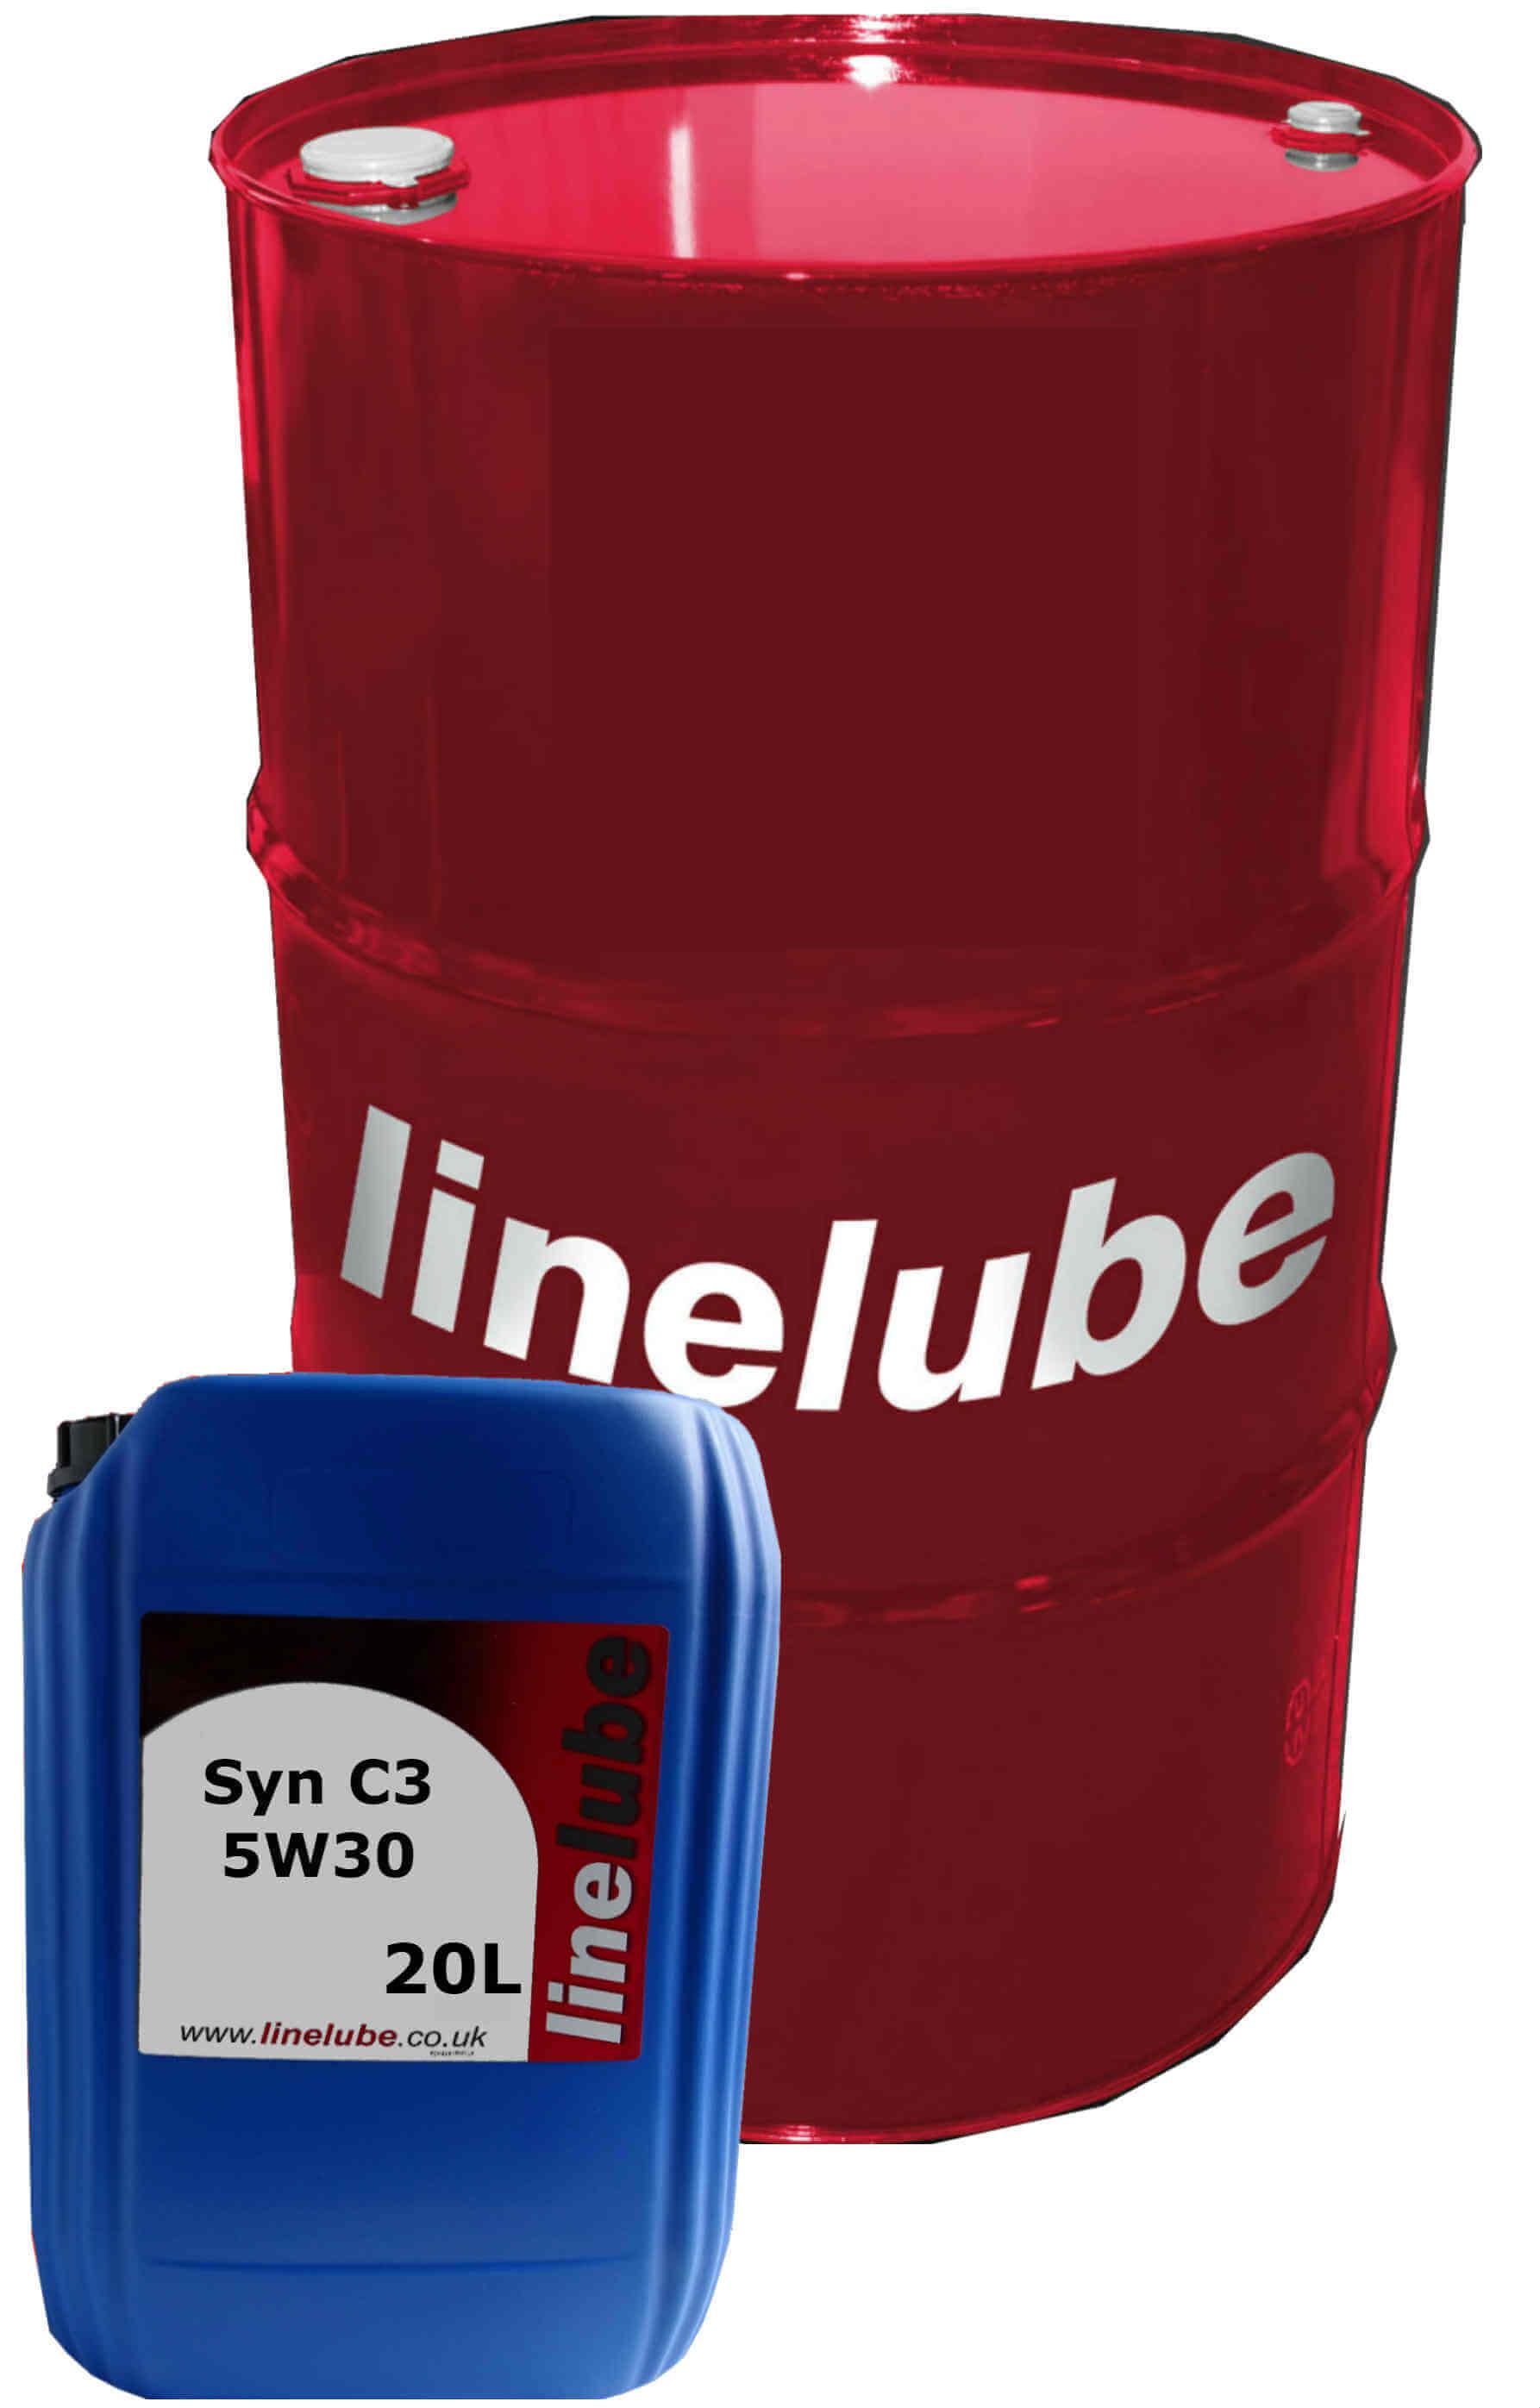 linelube Synthetic 5W-30 C3